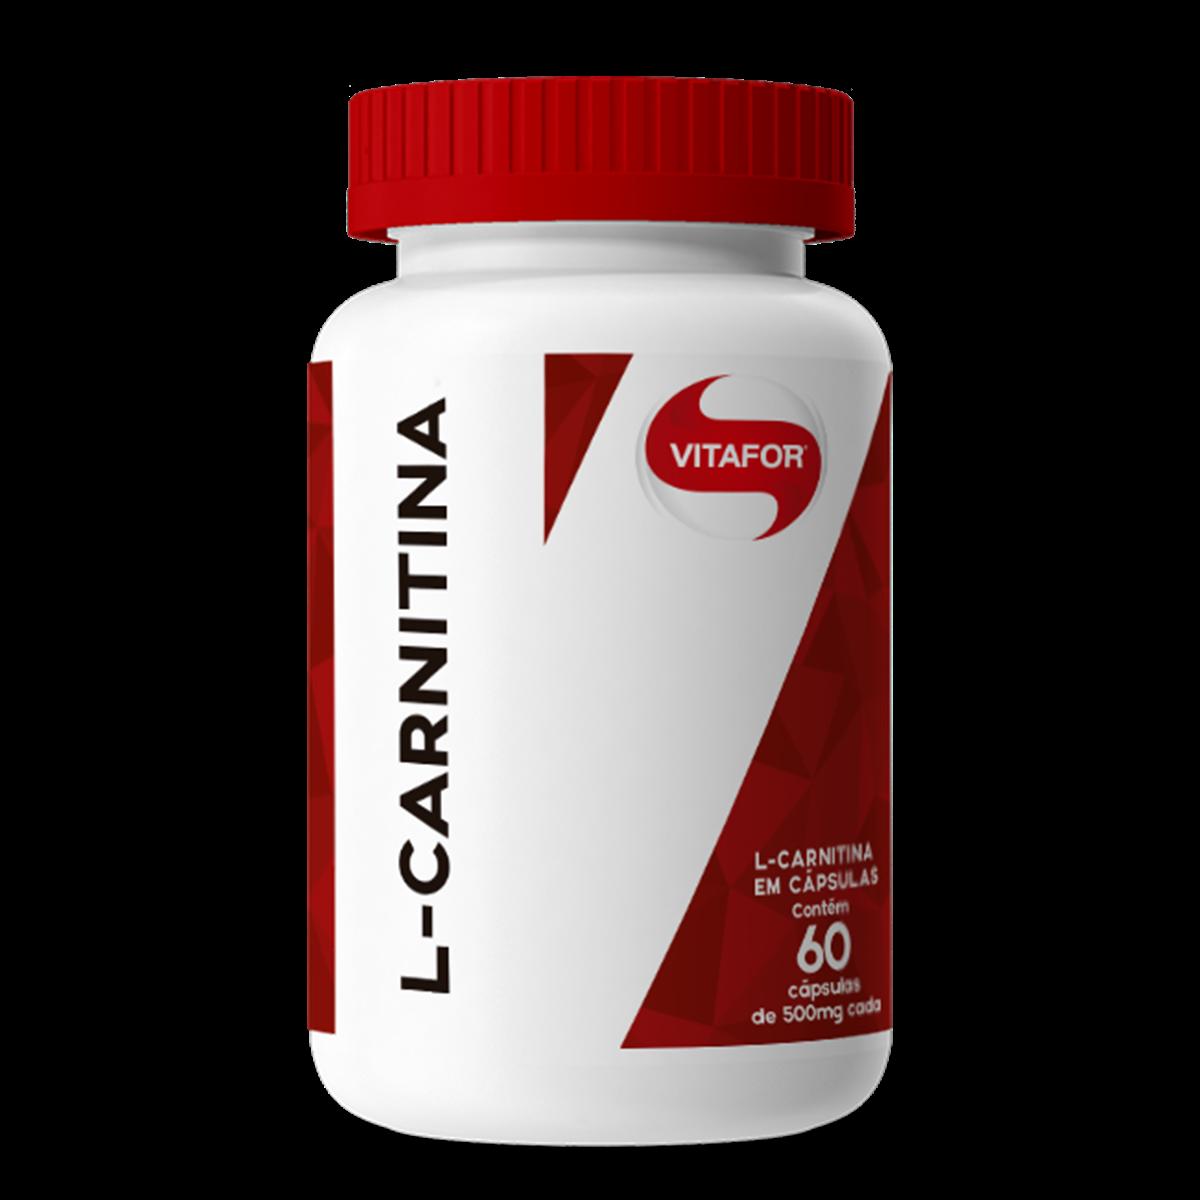 L-CARNITINA 60 CAPSULAS - VITAFOR